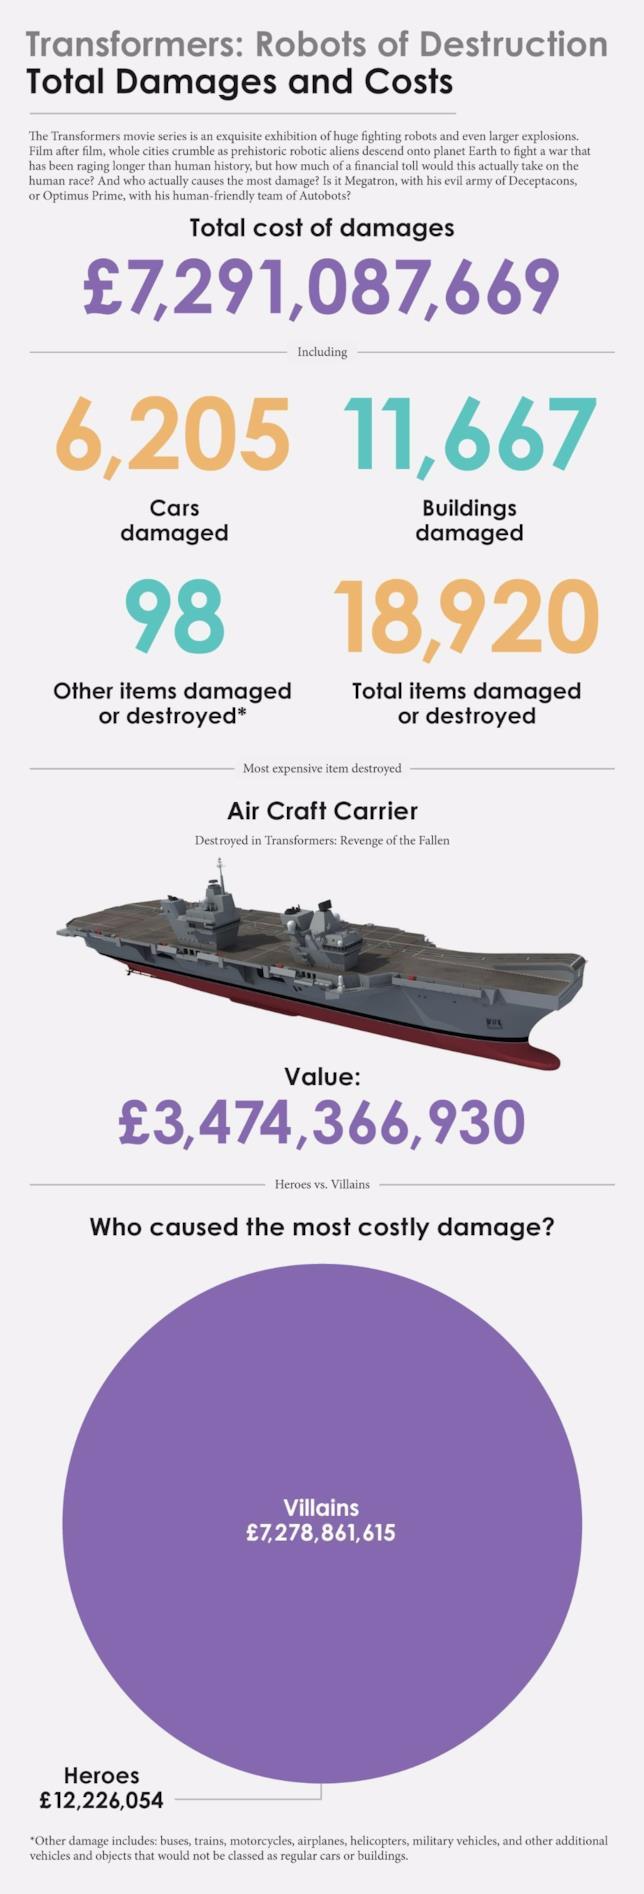 L'ammontare dei danni causati dai Transformers